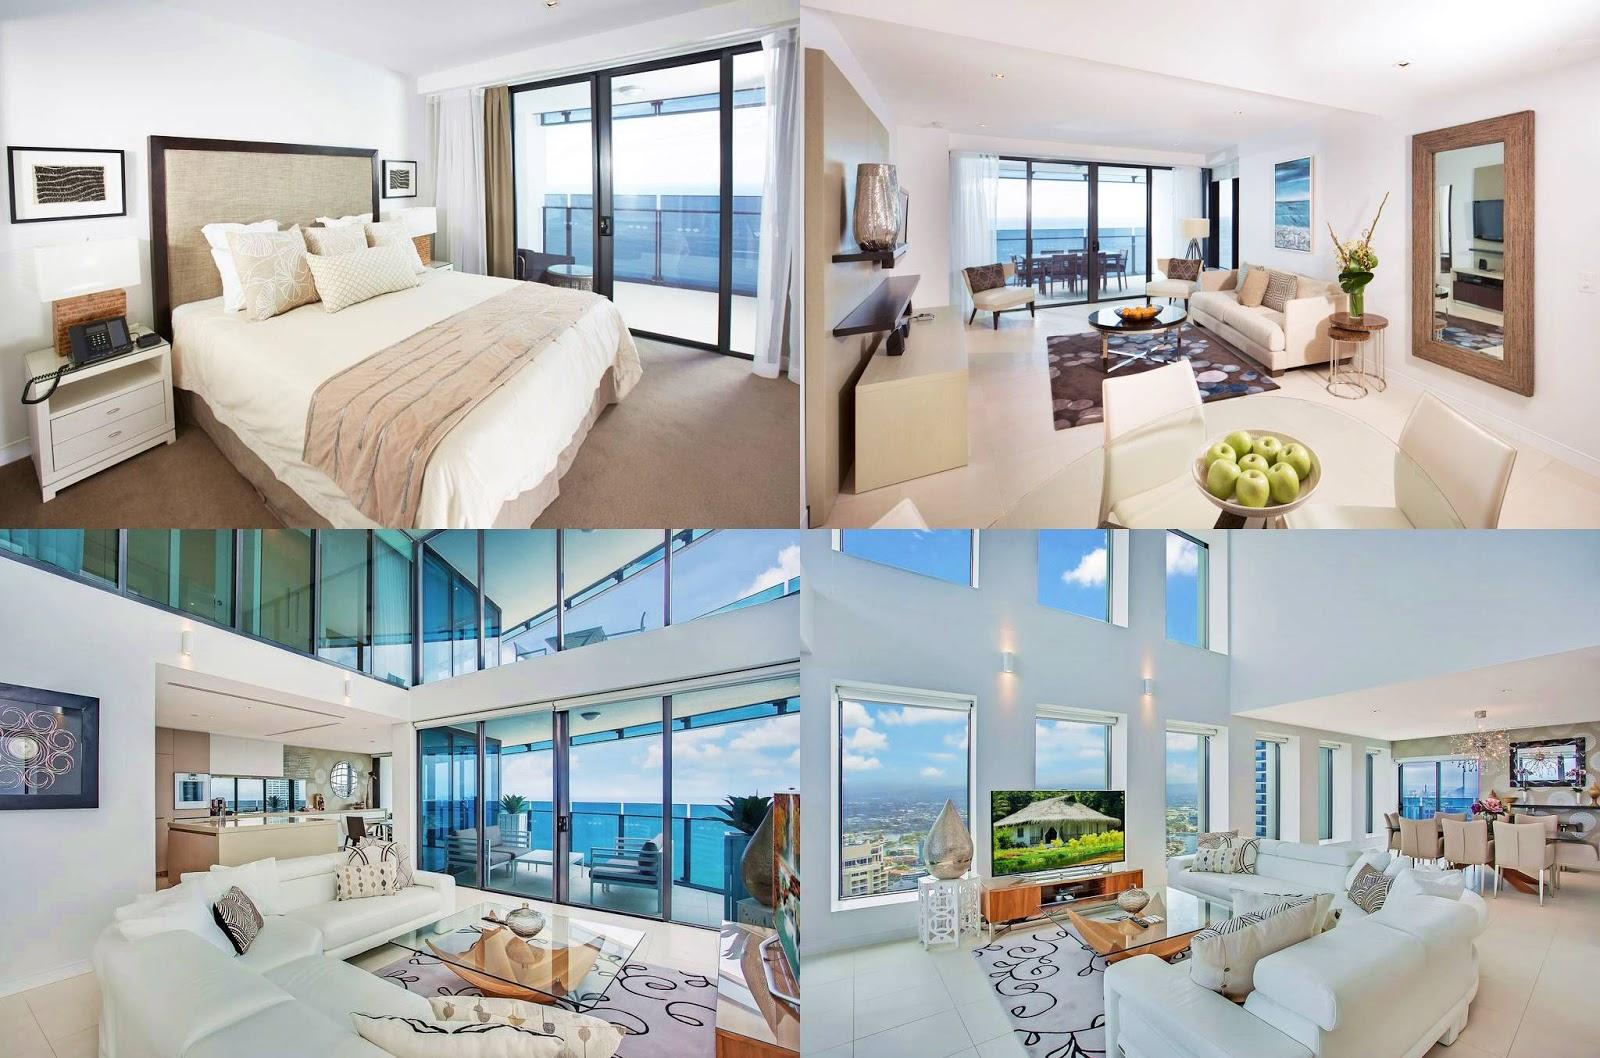 黃金海岸-住宿-推薦-飯店-酒店-旅館-民宿-公寓-辣椒靈魂衝浪者天堂公寓式酒店-Peppers-Soul-Surfers-Paradise-旅遊-澳洲-Gold-Coast-Hotel-Apartment-Australia